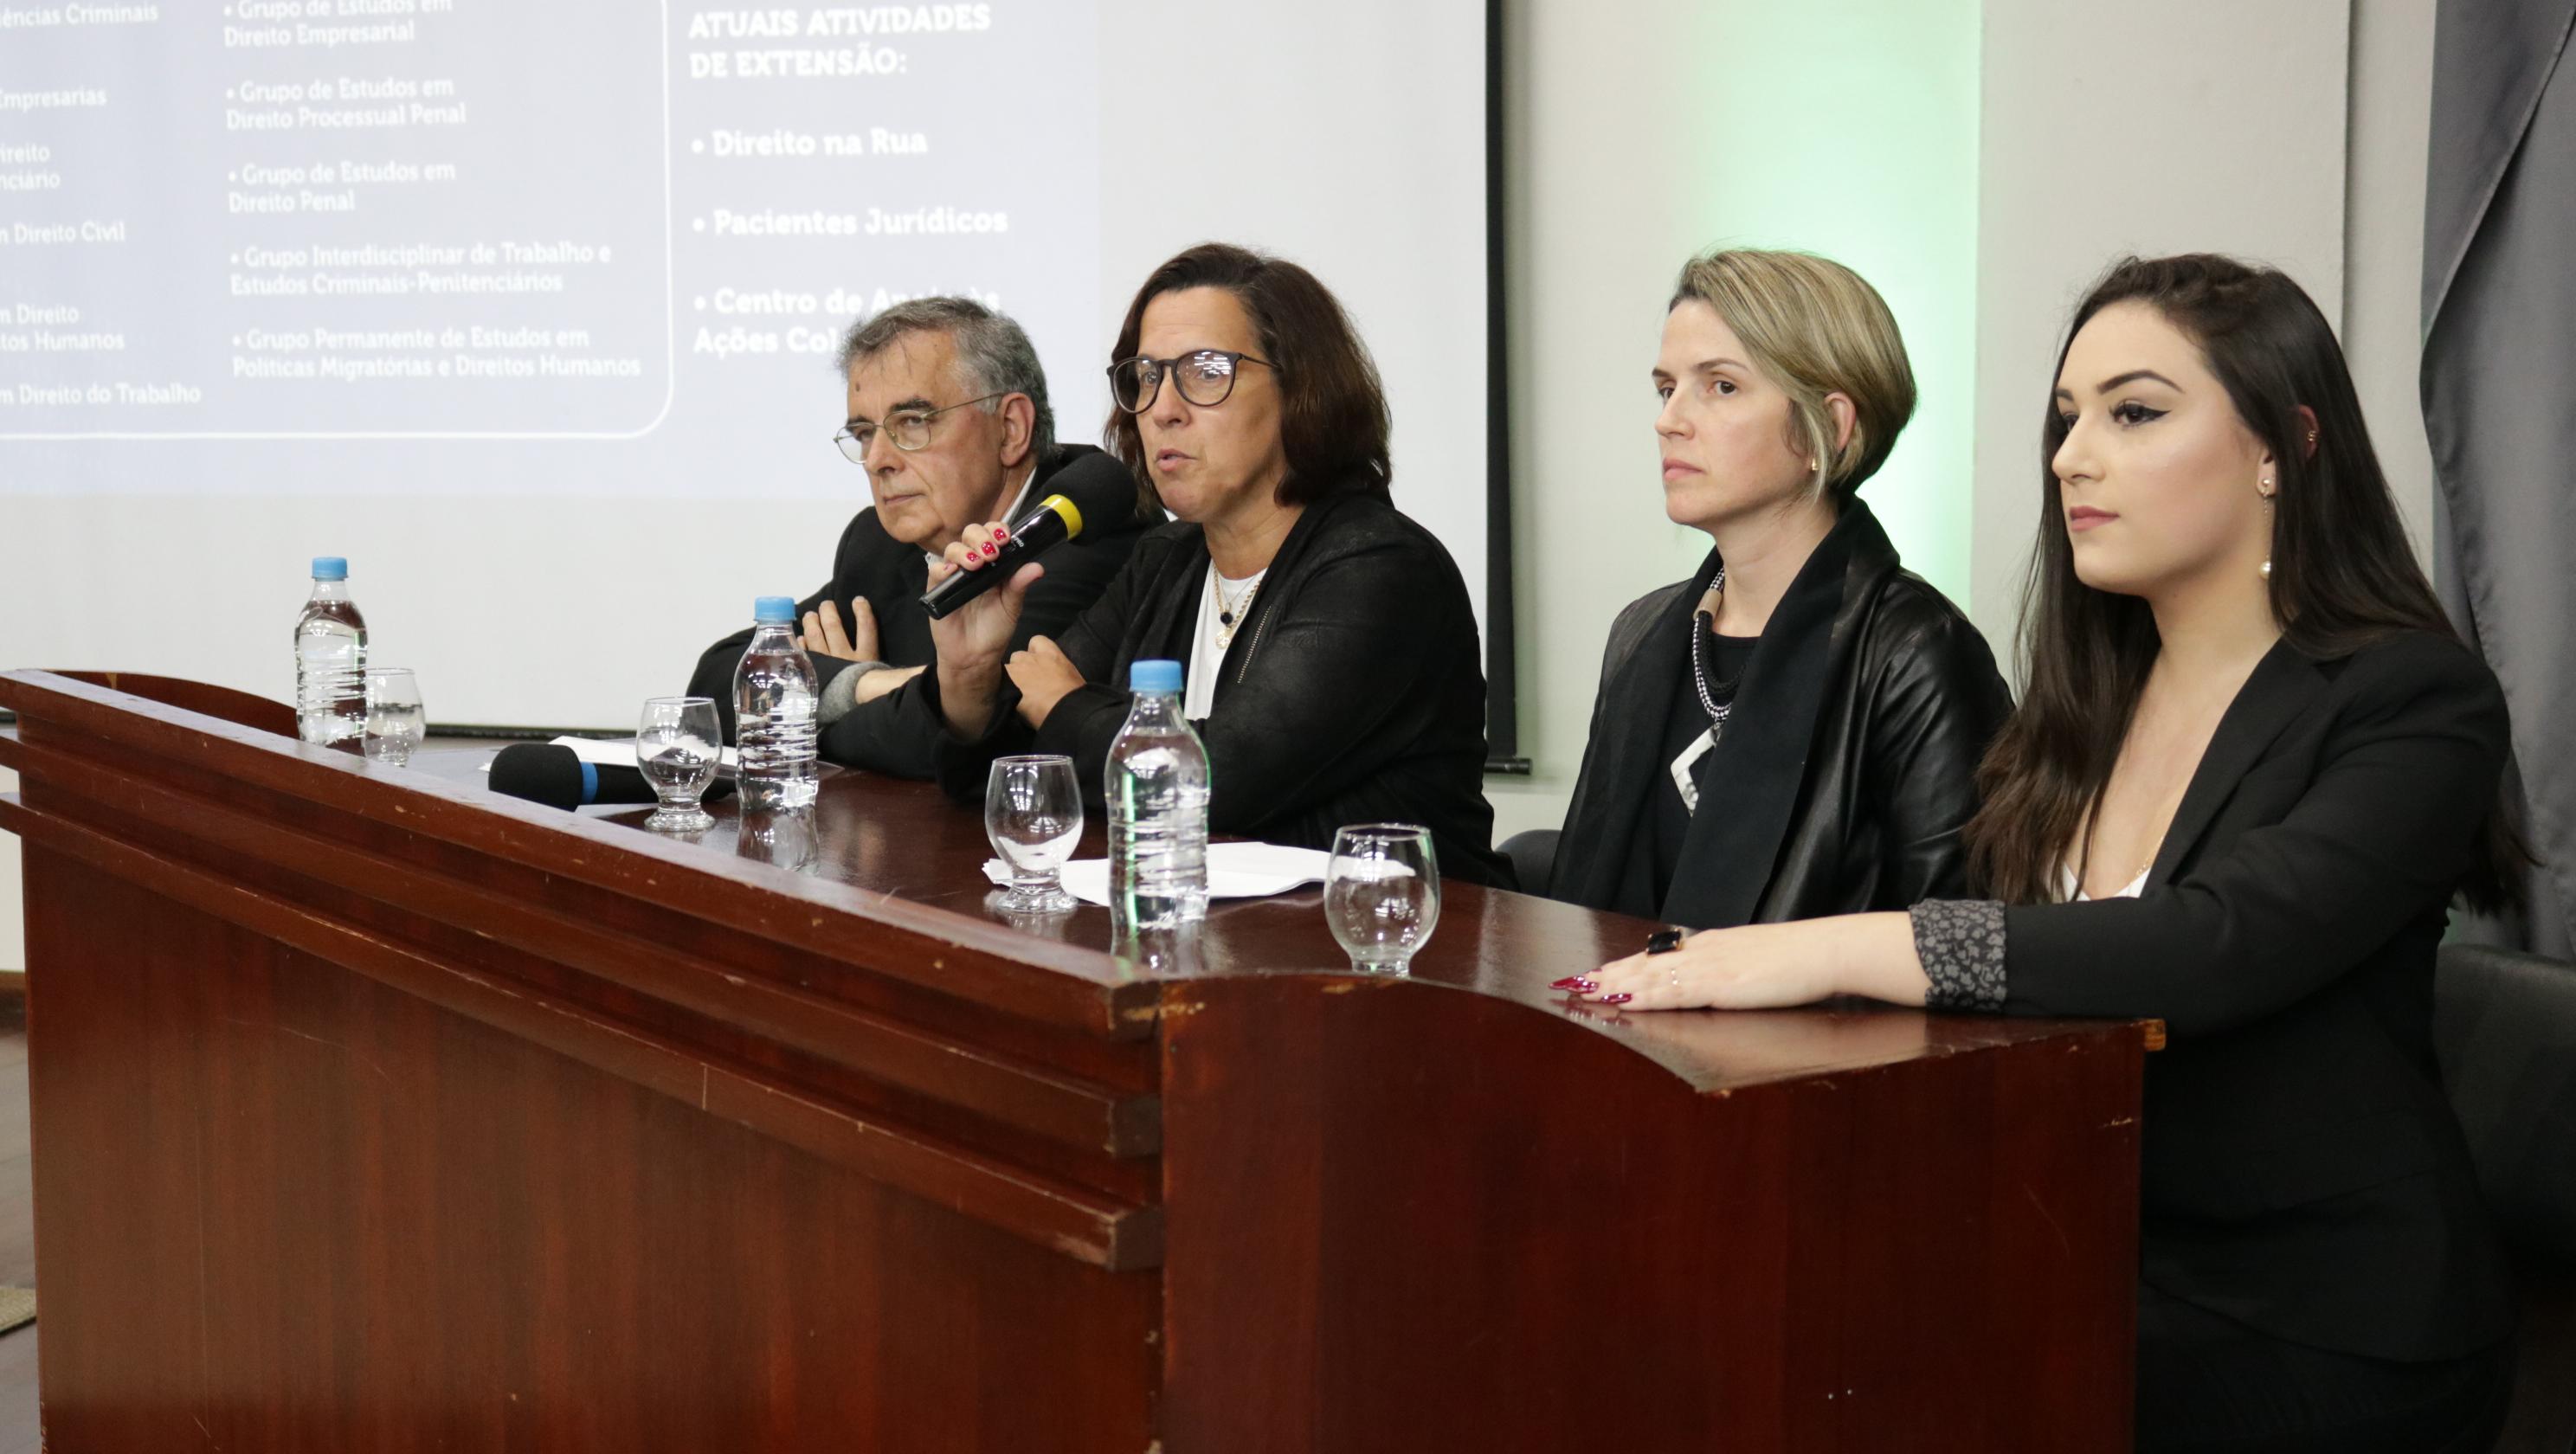 Professores do Direito UCPel